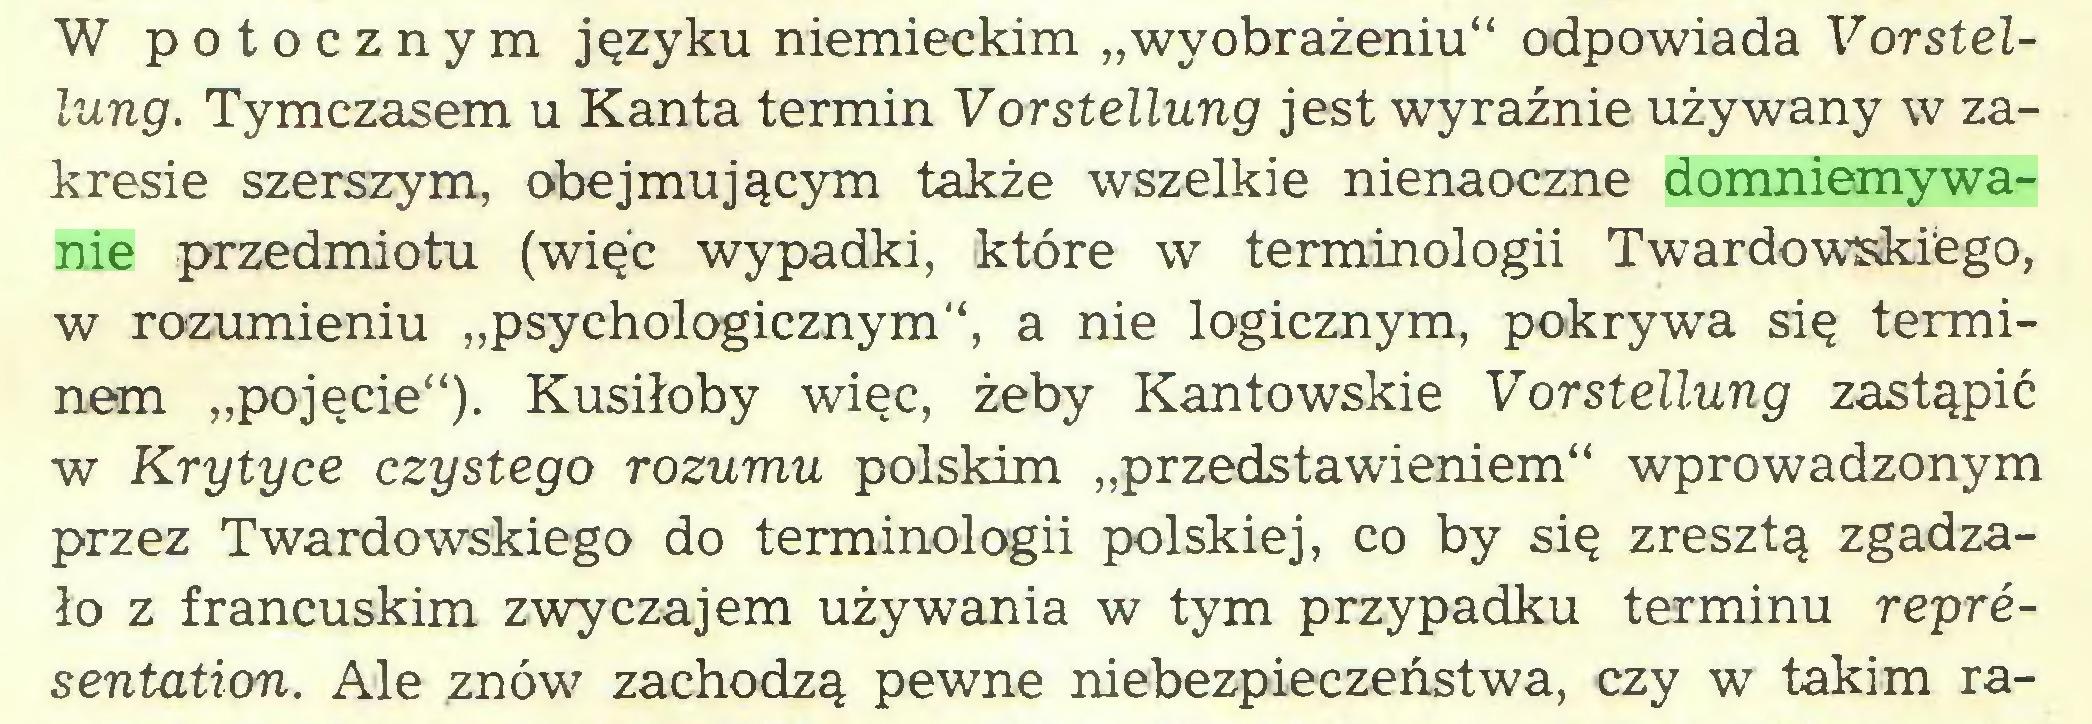 """(...) W potocznym języku niemieckim """"wyobrażeniu"""" odpowiada Vorstellung. Tymczasem u Kanta termin Vorstellung jest wyraźnie używany w zakresie szerszym, obejmującym także wszelkie nienaoczne domniemywanie przedmiotu (więc wypadki, które w terminologii Twardowskiego, w rozumieniu """"psychologicznym"""", a nie logicznym, pokrywa się terminem """"pojęcie""""). Kusiłoby więc, żeby Kantowskie Vorstellung zastąpić w Krytyce czystego rozumu polskim """"przedstawieniem"""" wprowadzonym przez Twardowskiego do terminologii polskiej, co by się zresztą zgadzało z francuskim zwyczajem używania w tym przypadku terminu representation. Ale znów zachodzą pewne niebezpieczeństwa, czy w takim ra..."""